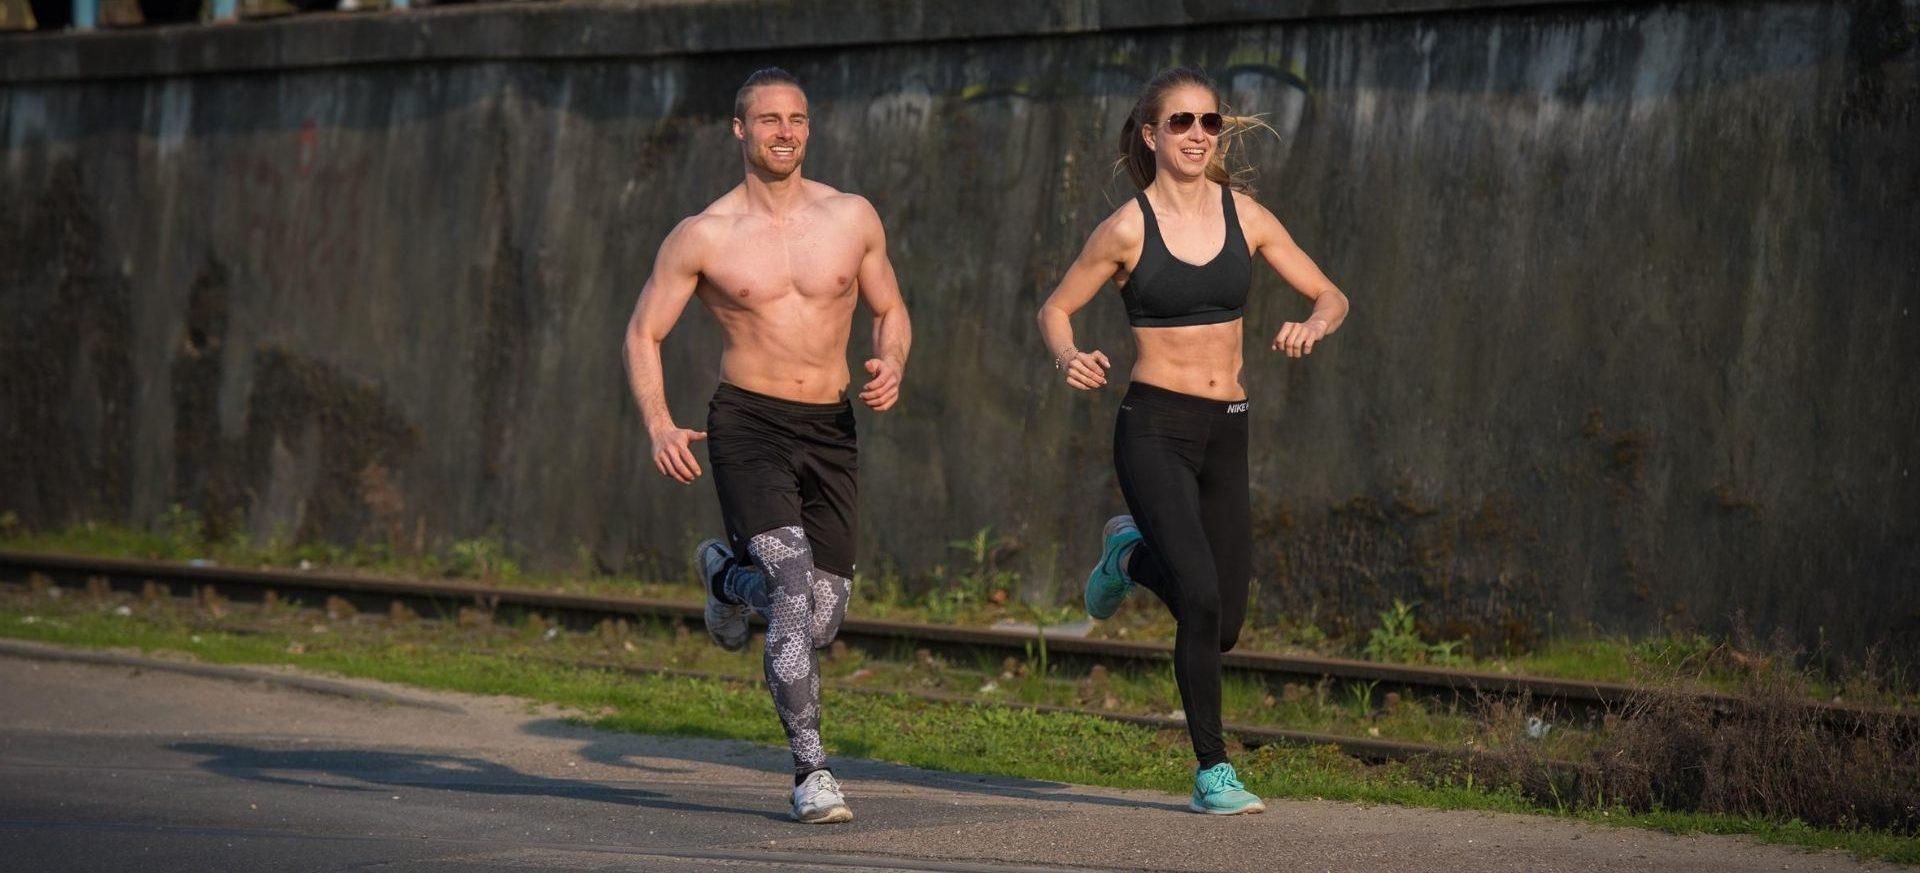 Mann, Frau, Laufen, durchtrainiert, Sportkleidung